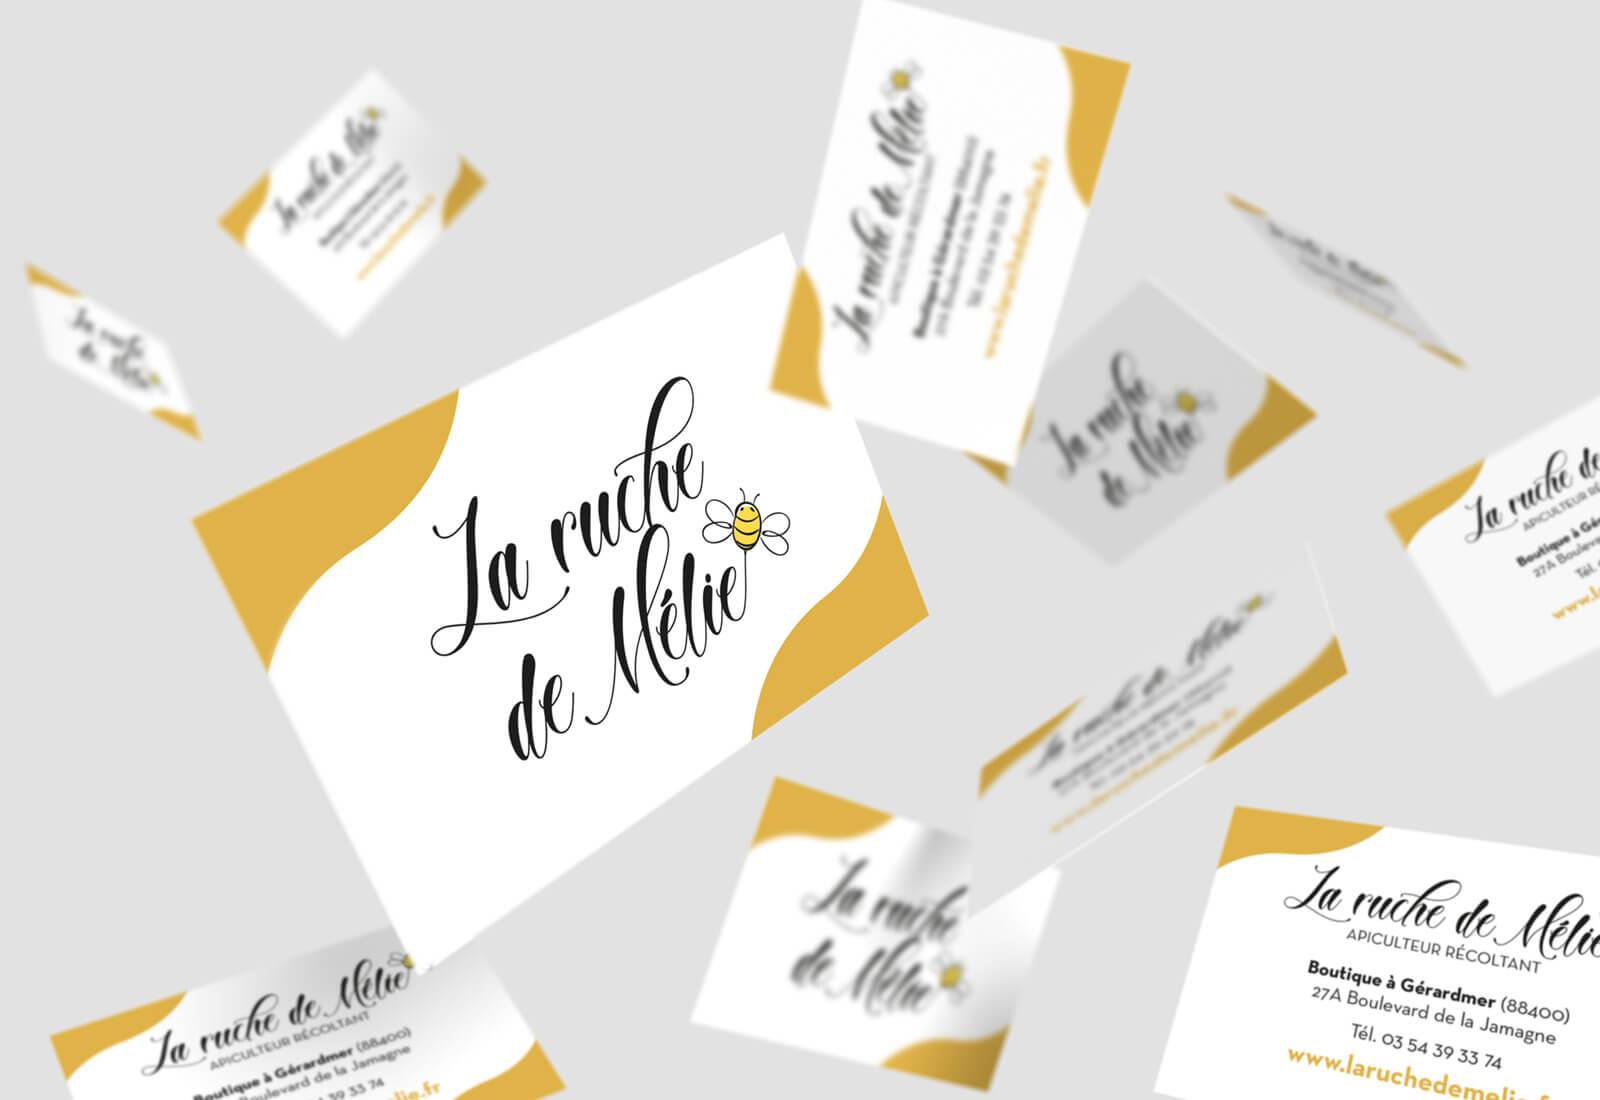 Josselin tourette – miel -ruche – melie – carte – visites